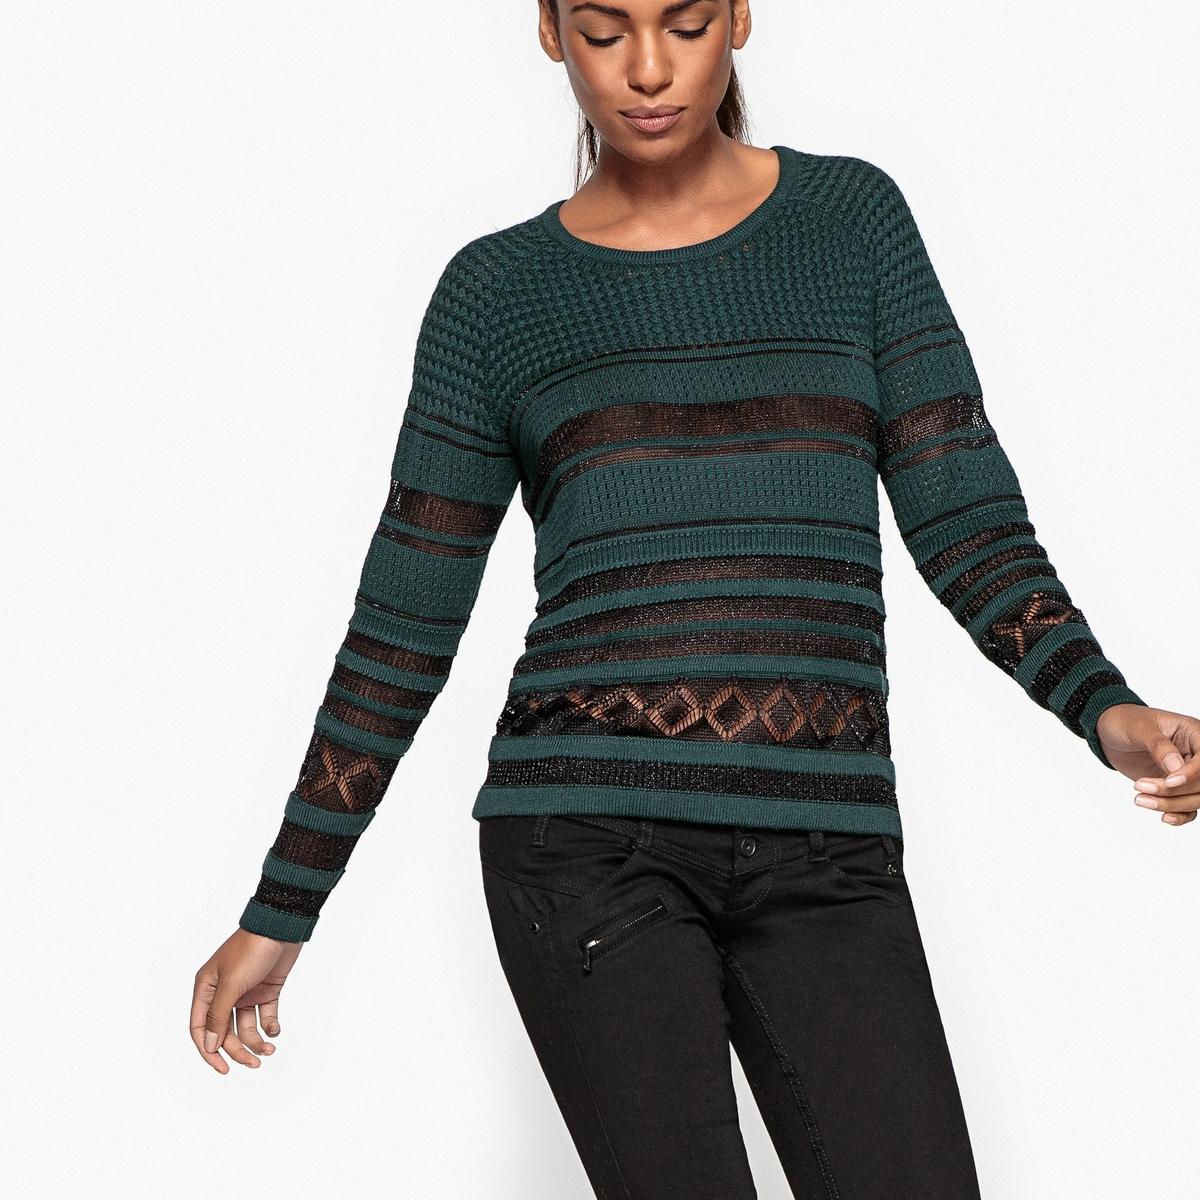 Пуловер с круглым вырезом из тонкого трикотажаОписание:Детали •  Длинные рукава •  Круглый вырез •  Тонкий трикотаж Состав и уход •  20% шерсти, 80% хлопка •  Следуйте советам по уходу, указанным на этикетке<br><br>Цвет: темно-зеленый<br>Размер: XL